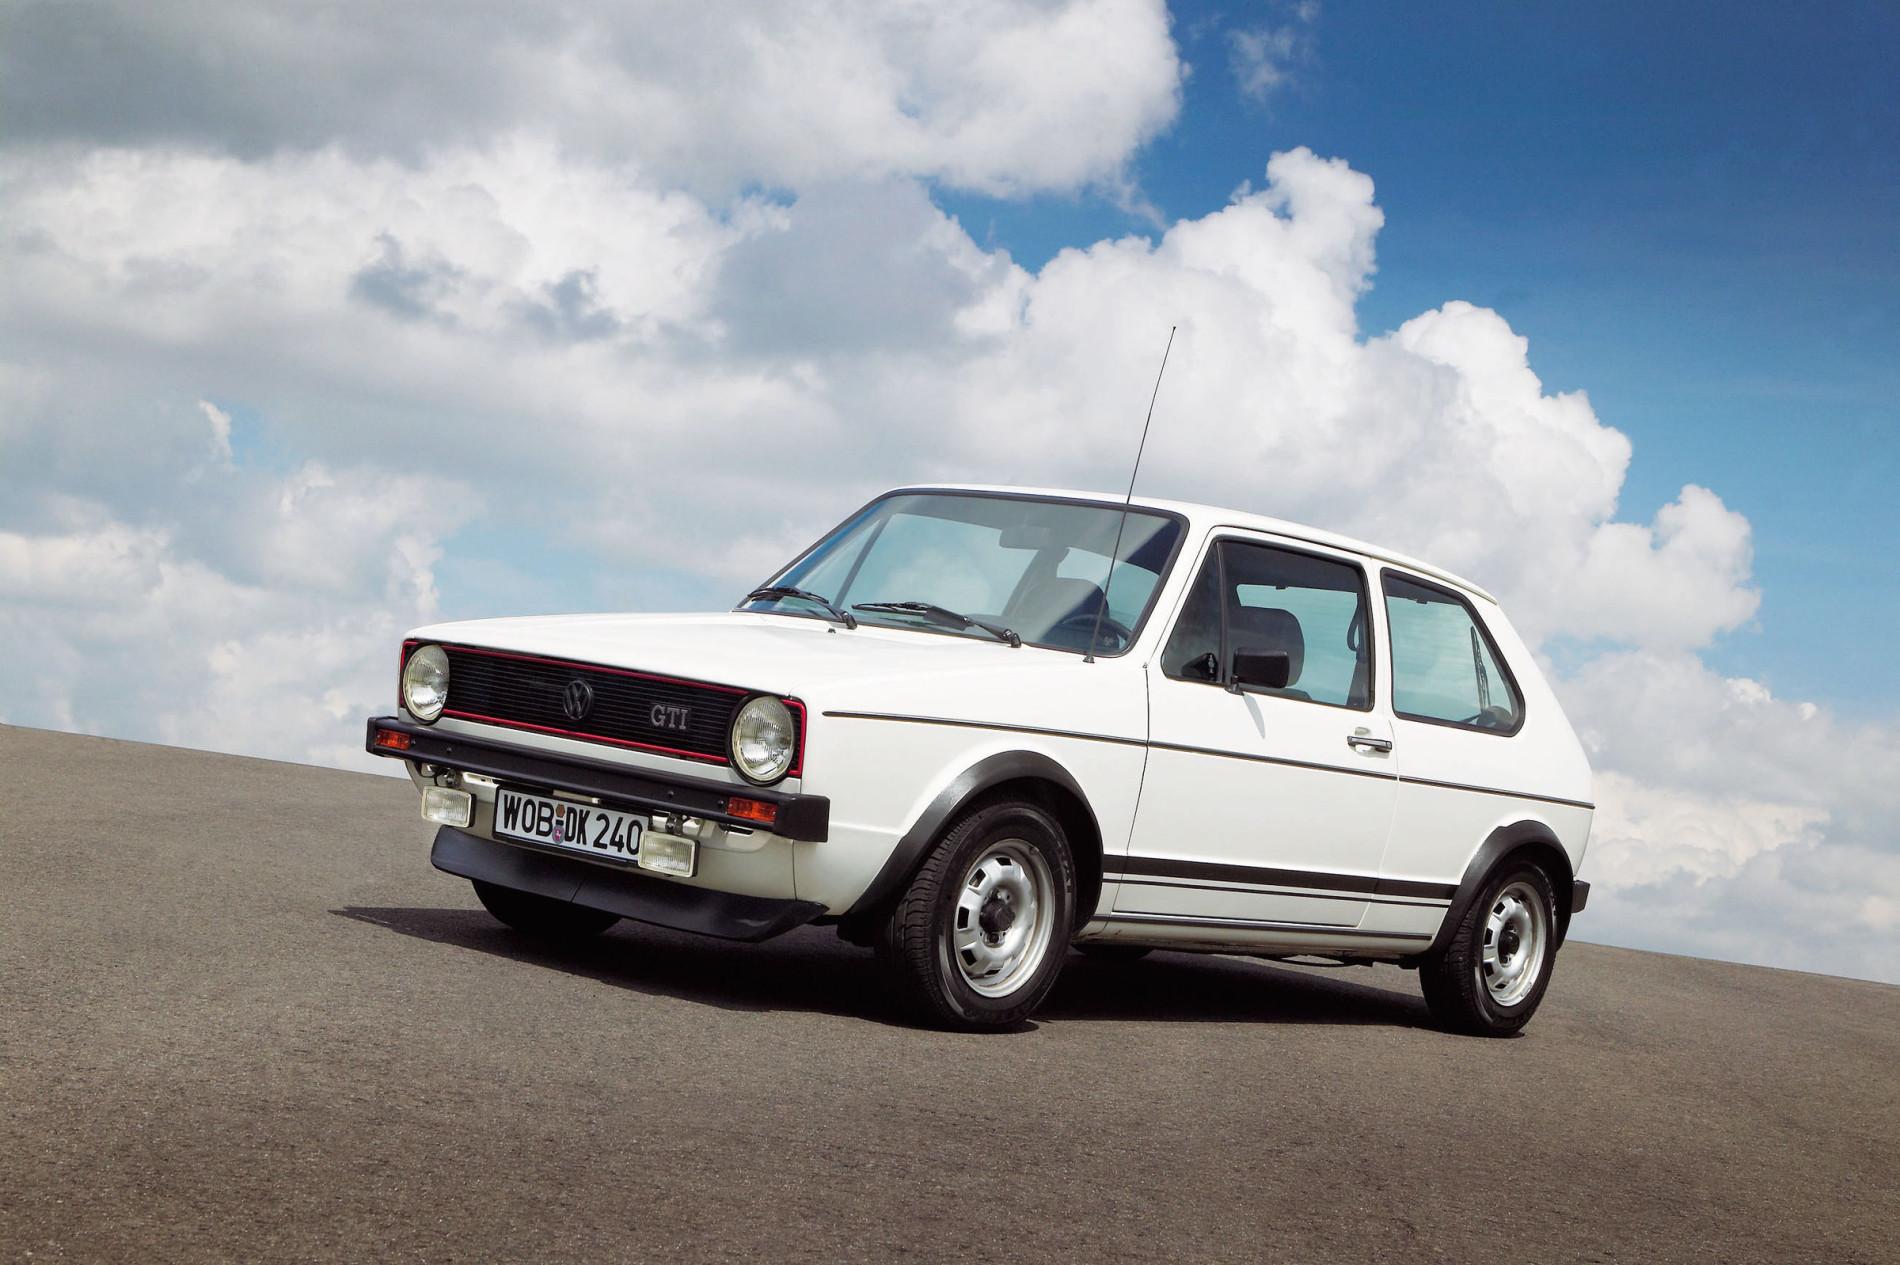 Evolutia unei legende. Cum s-a schimbat in timp cel mai cunoscut hot-hatch al planetei: Volkswagen Golf GTI - Evolutia unei legende. Cum s-a schimbat in timp cel mai cunoscut hot-hatch al planetei: Volkswagen Golf GTI